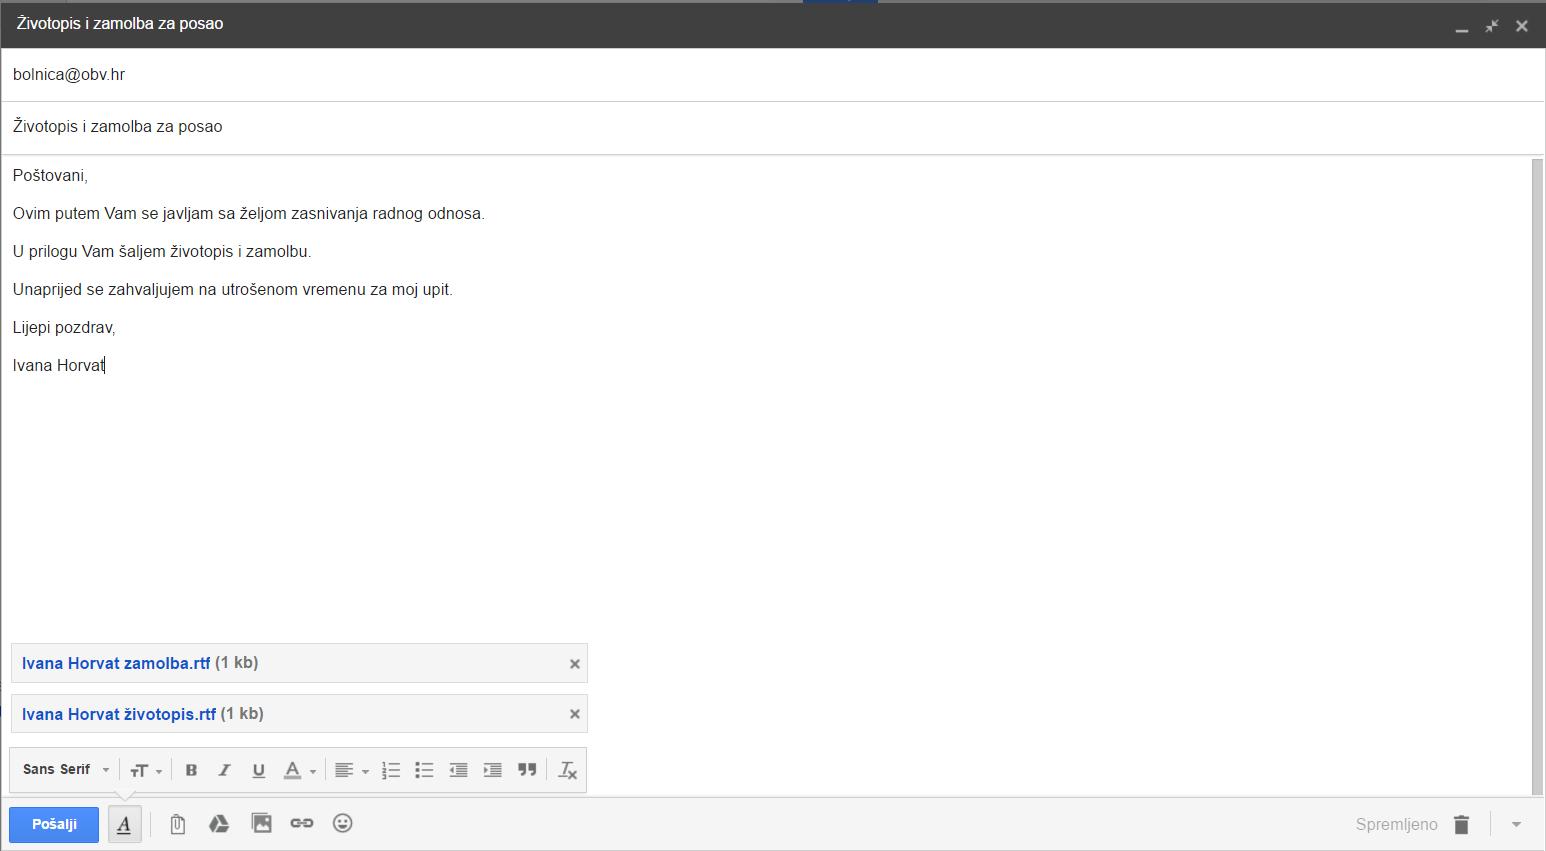 kako_pravilno_napisati_poruku_poslodavcu